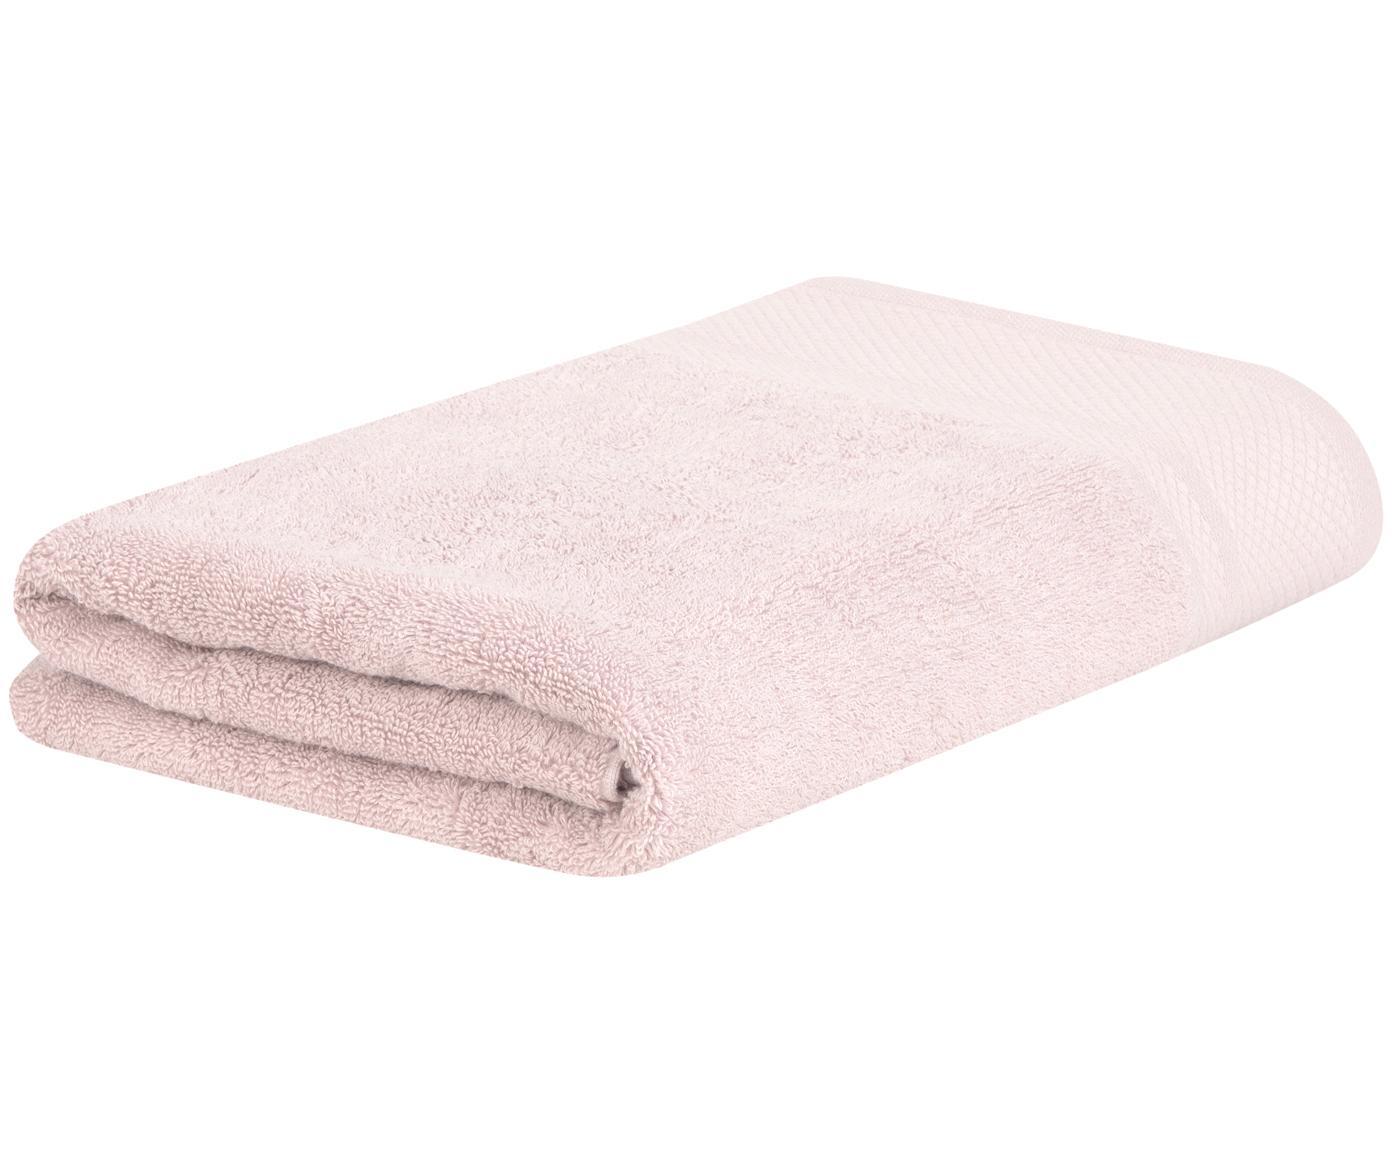 Asciugamano con bordo decorativo Premium, Rosa cipria, Asciugamano per ospiti Larg. 30 x Lung. 30 cm